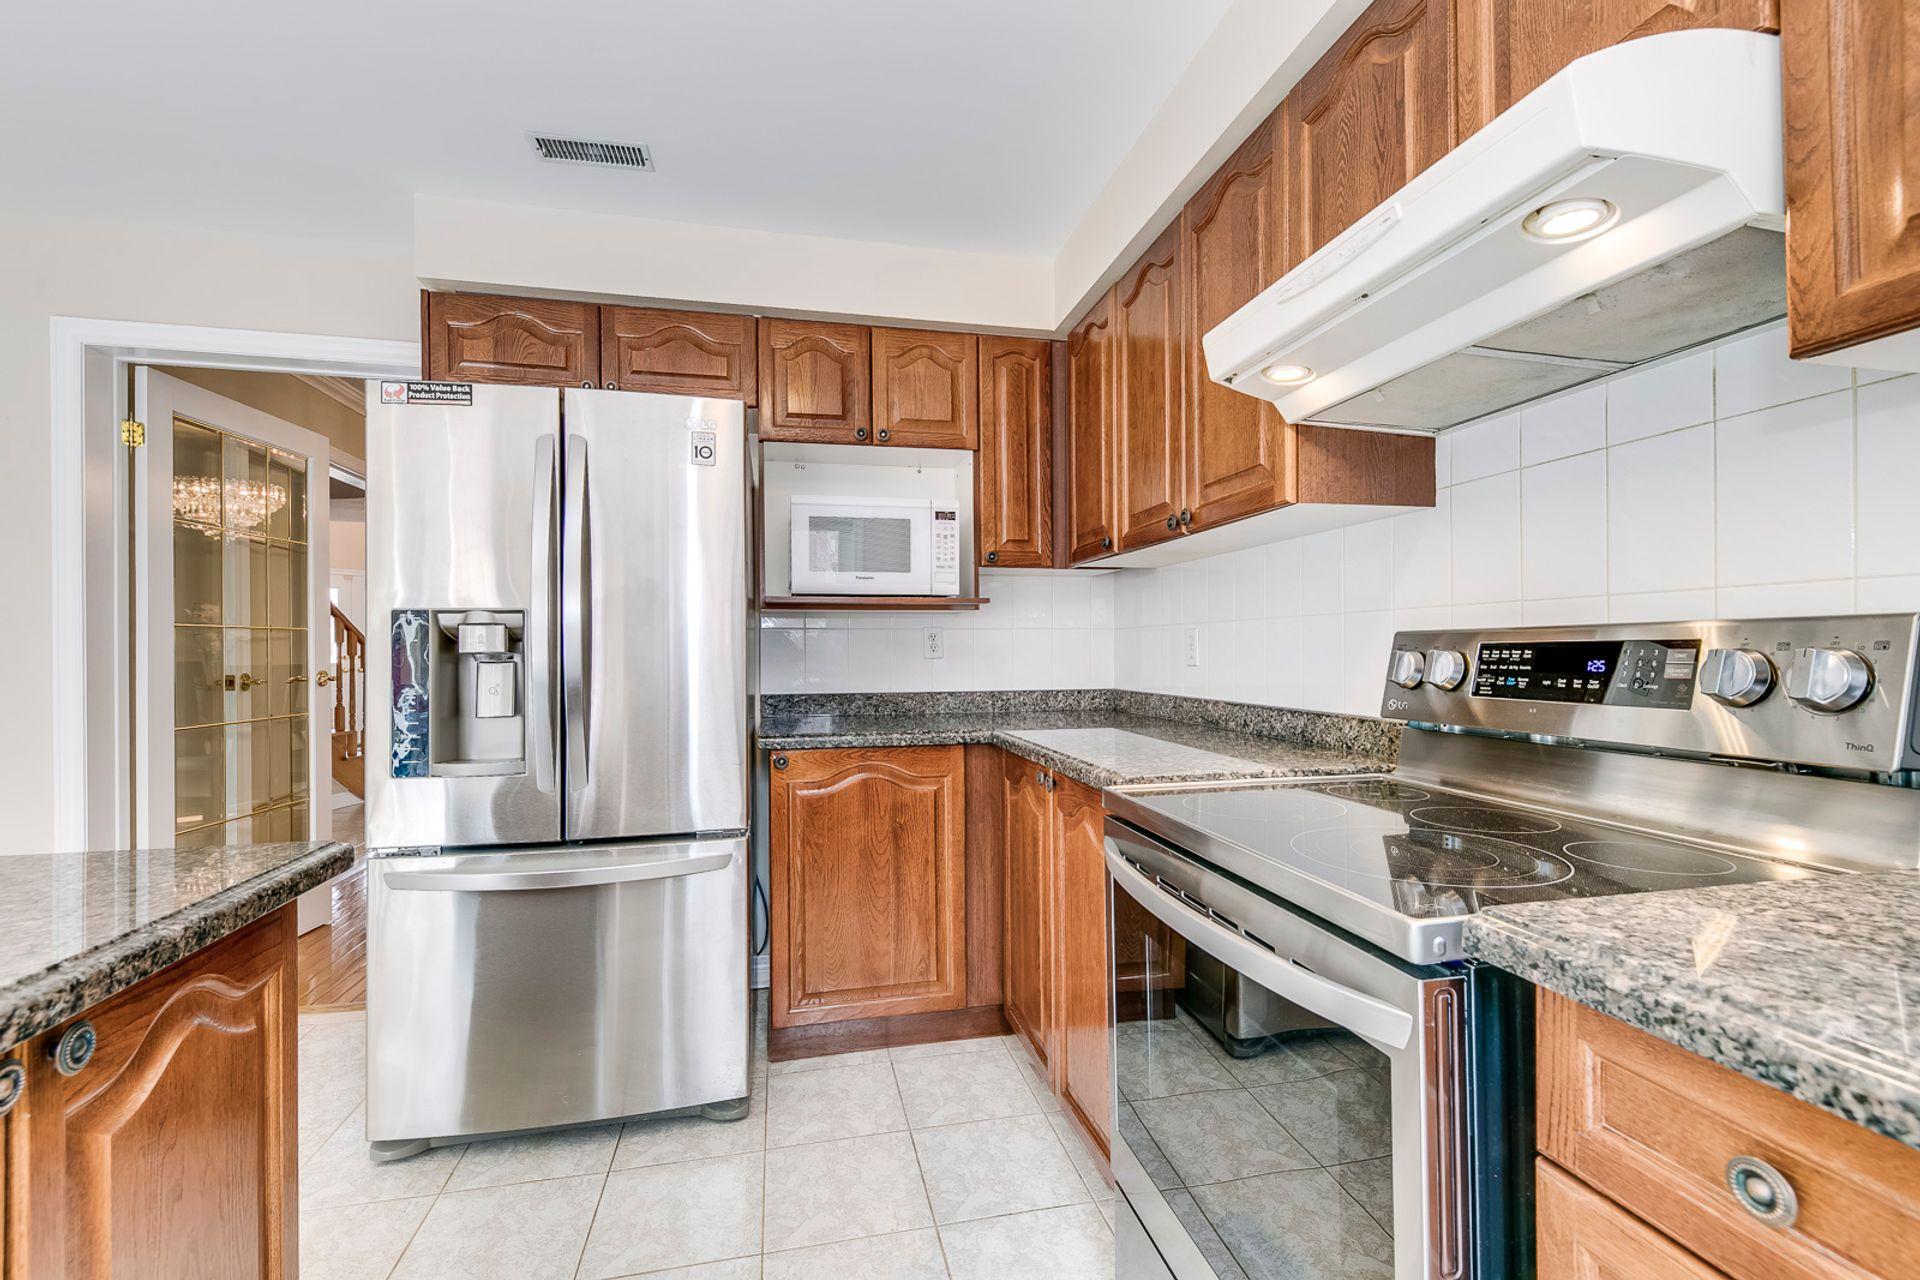 Kitchen - 5156 Heatherleigh Ave, Mississauga - Elite3 & Team at 5156 Heatherleigh Avenue, East Credit, Mississauga